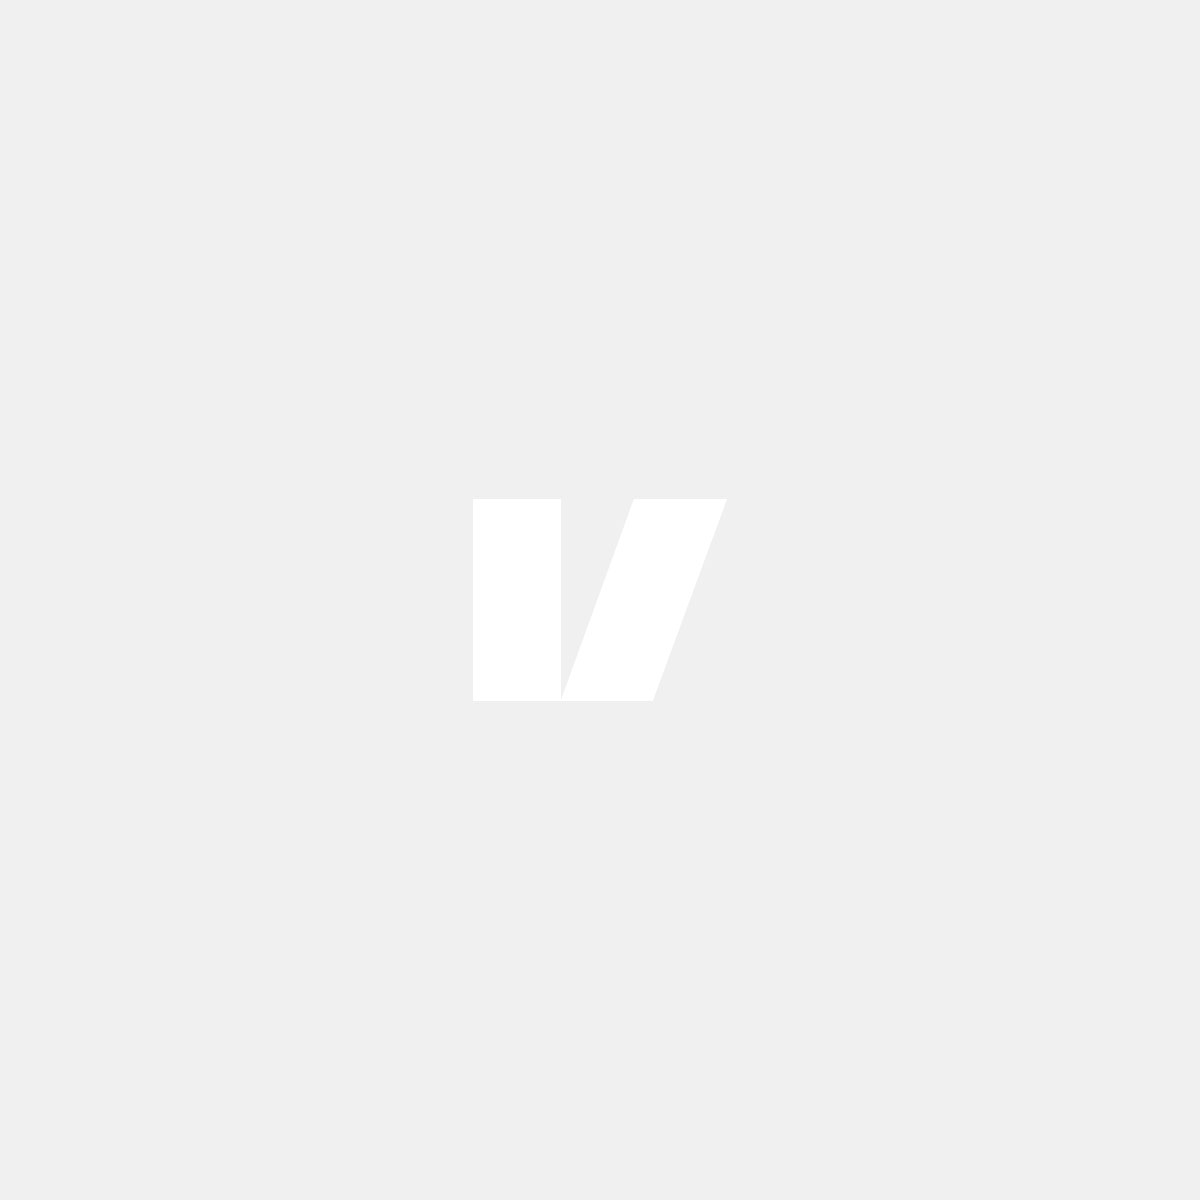 Kromat dimljusgaller till Volvo V70 08-13, förarsidan